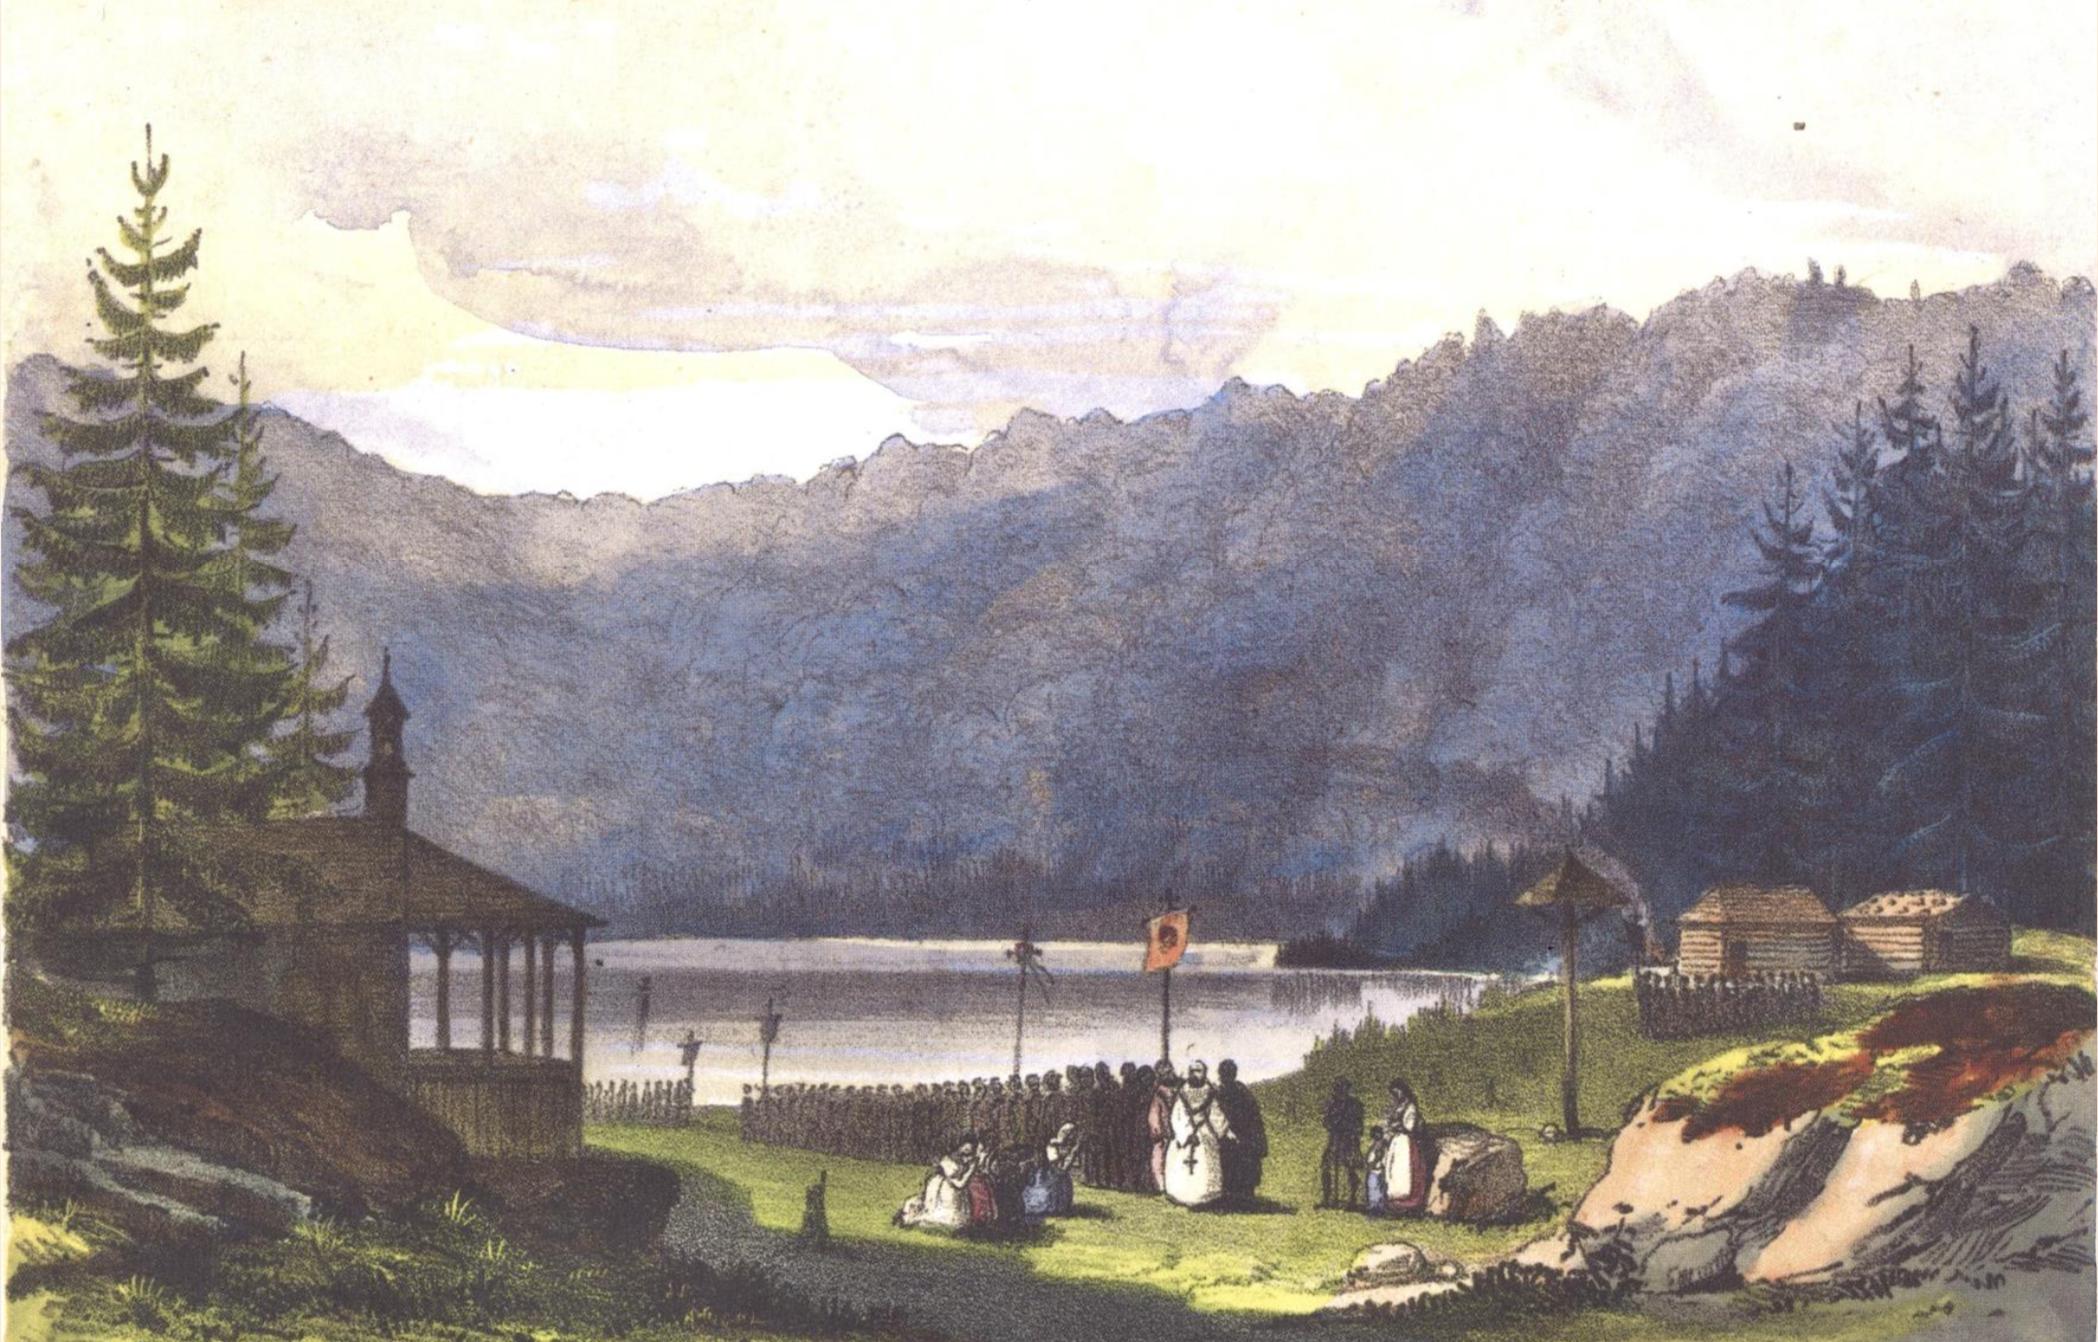 Károly Pap Szatmári's painting